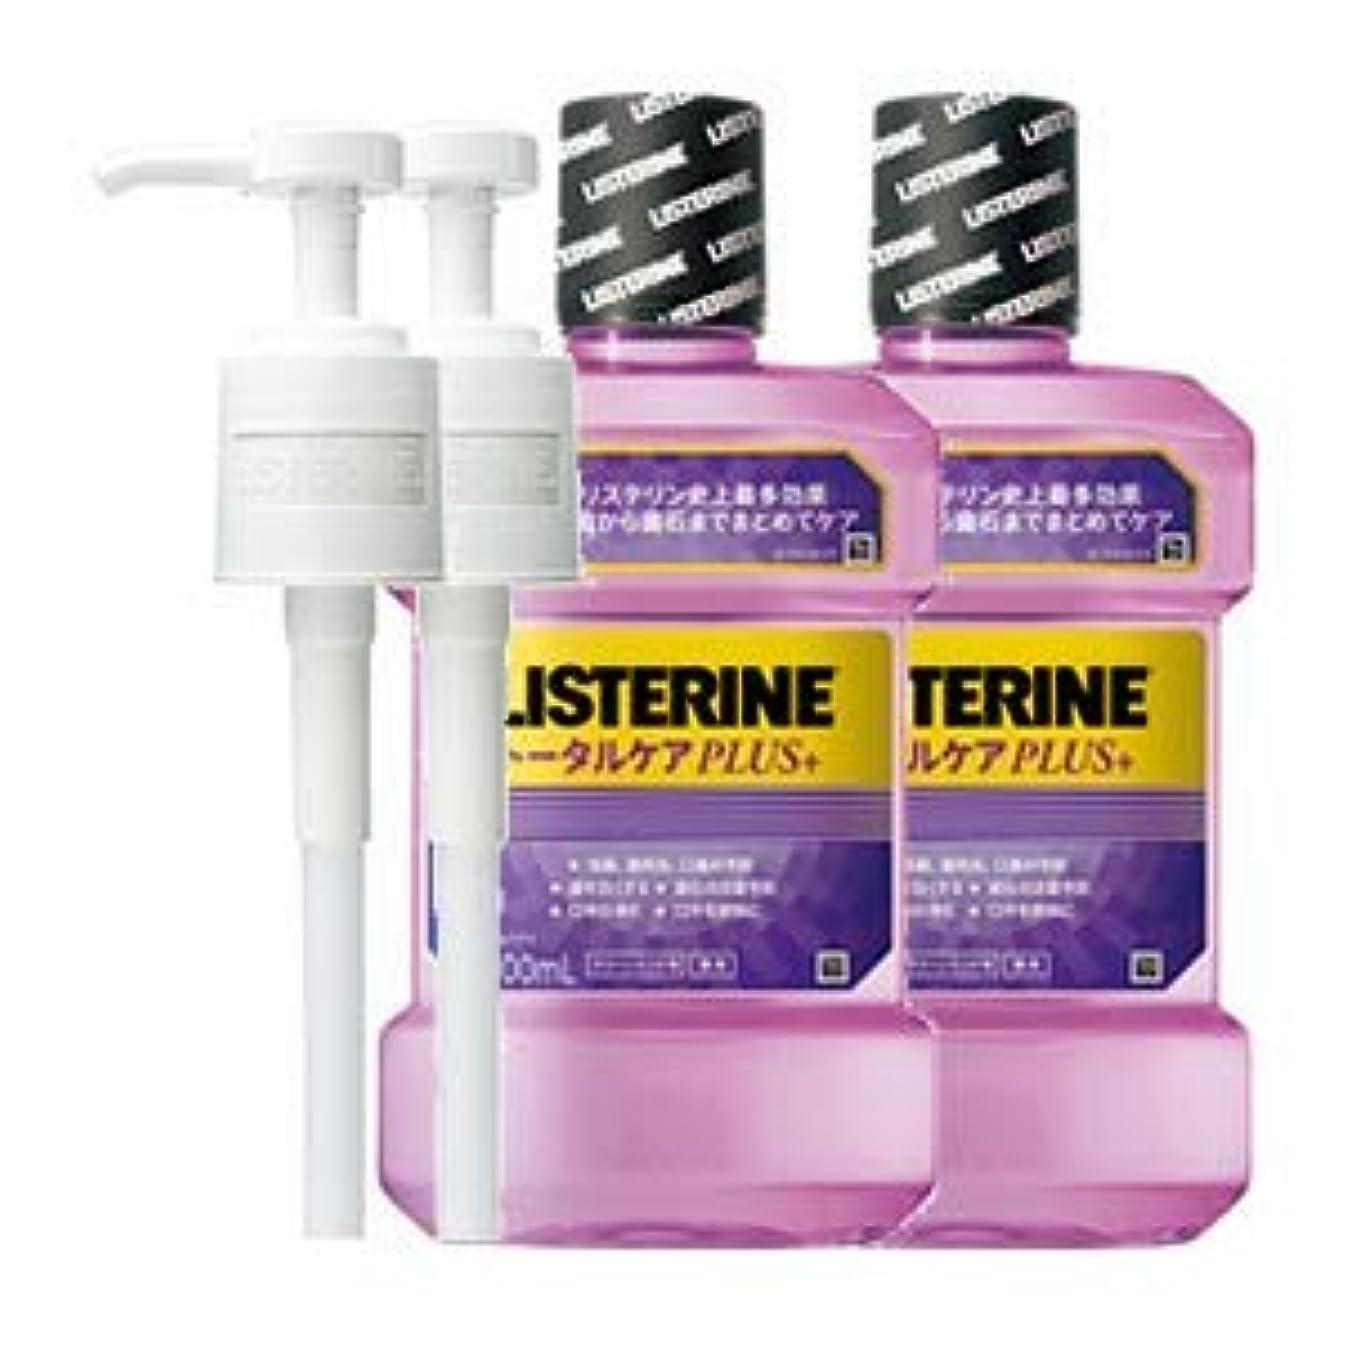 アルネパラメータゼリー薬用リステリン トータルケアプラス (液体歯磨) 1000mL 2点セット (ポンプ付)